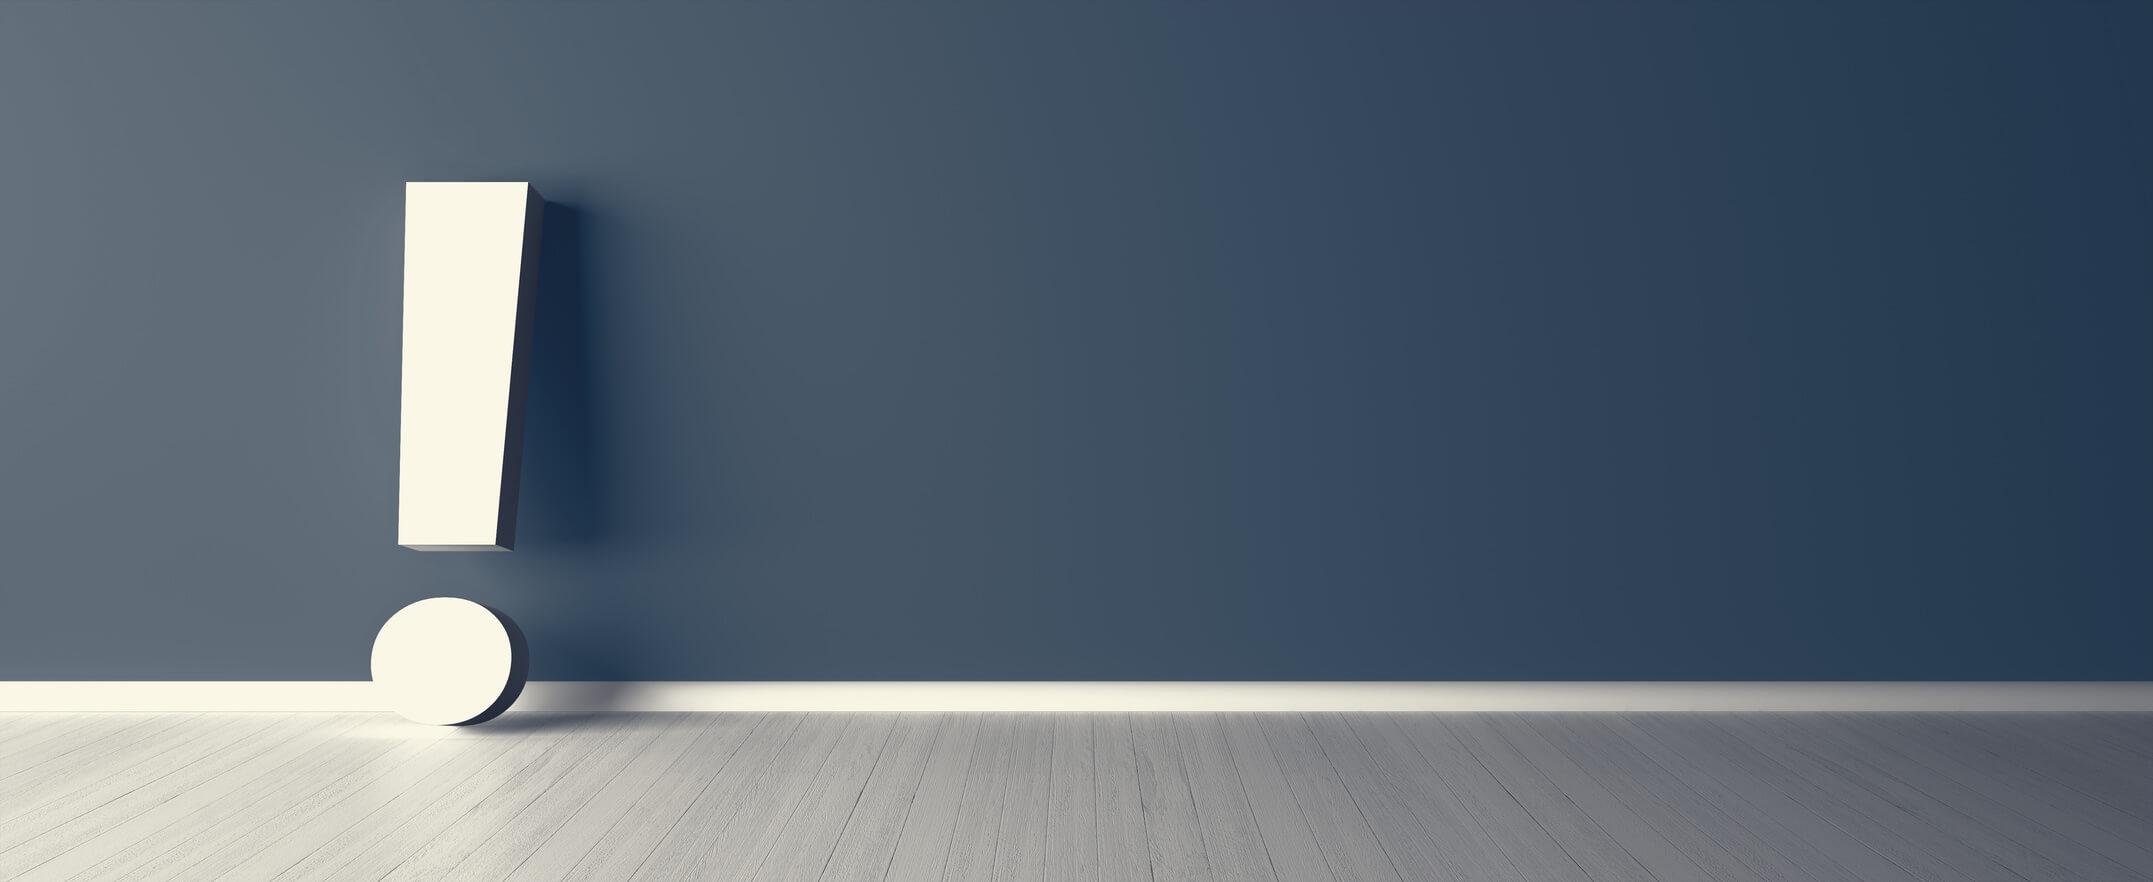 ratgeber garantie gew hrleistung das sind die unterschiede. Black Bedroom Furniture Sets. Home Design Ideas